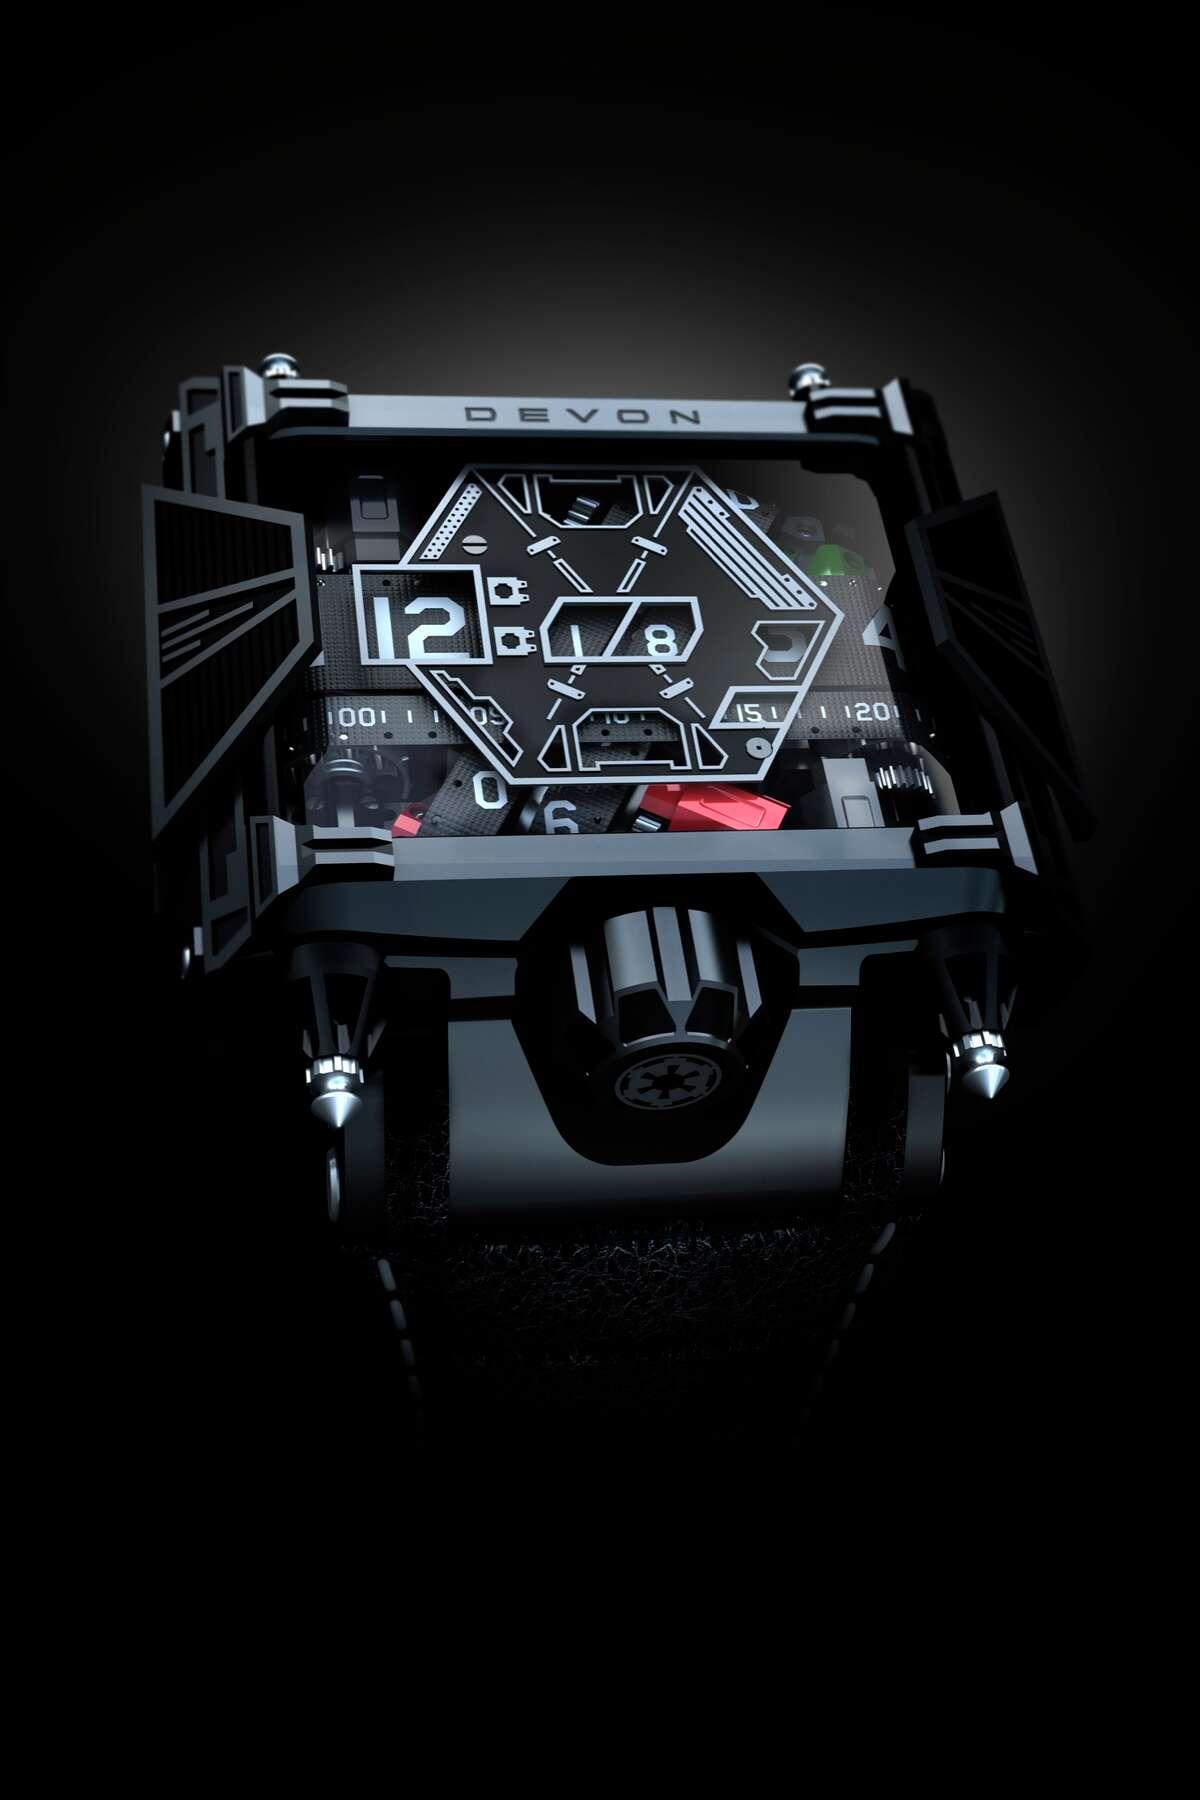 Devon Star Wars watch, $28,500, Devon Works